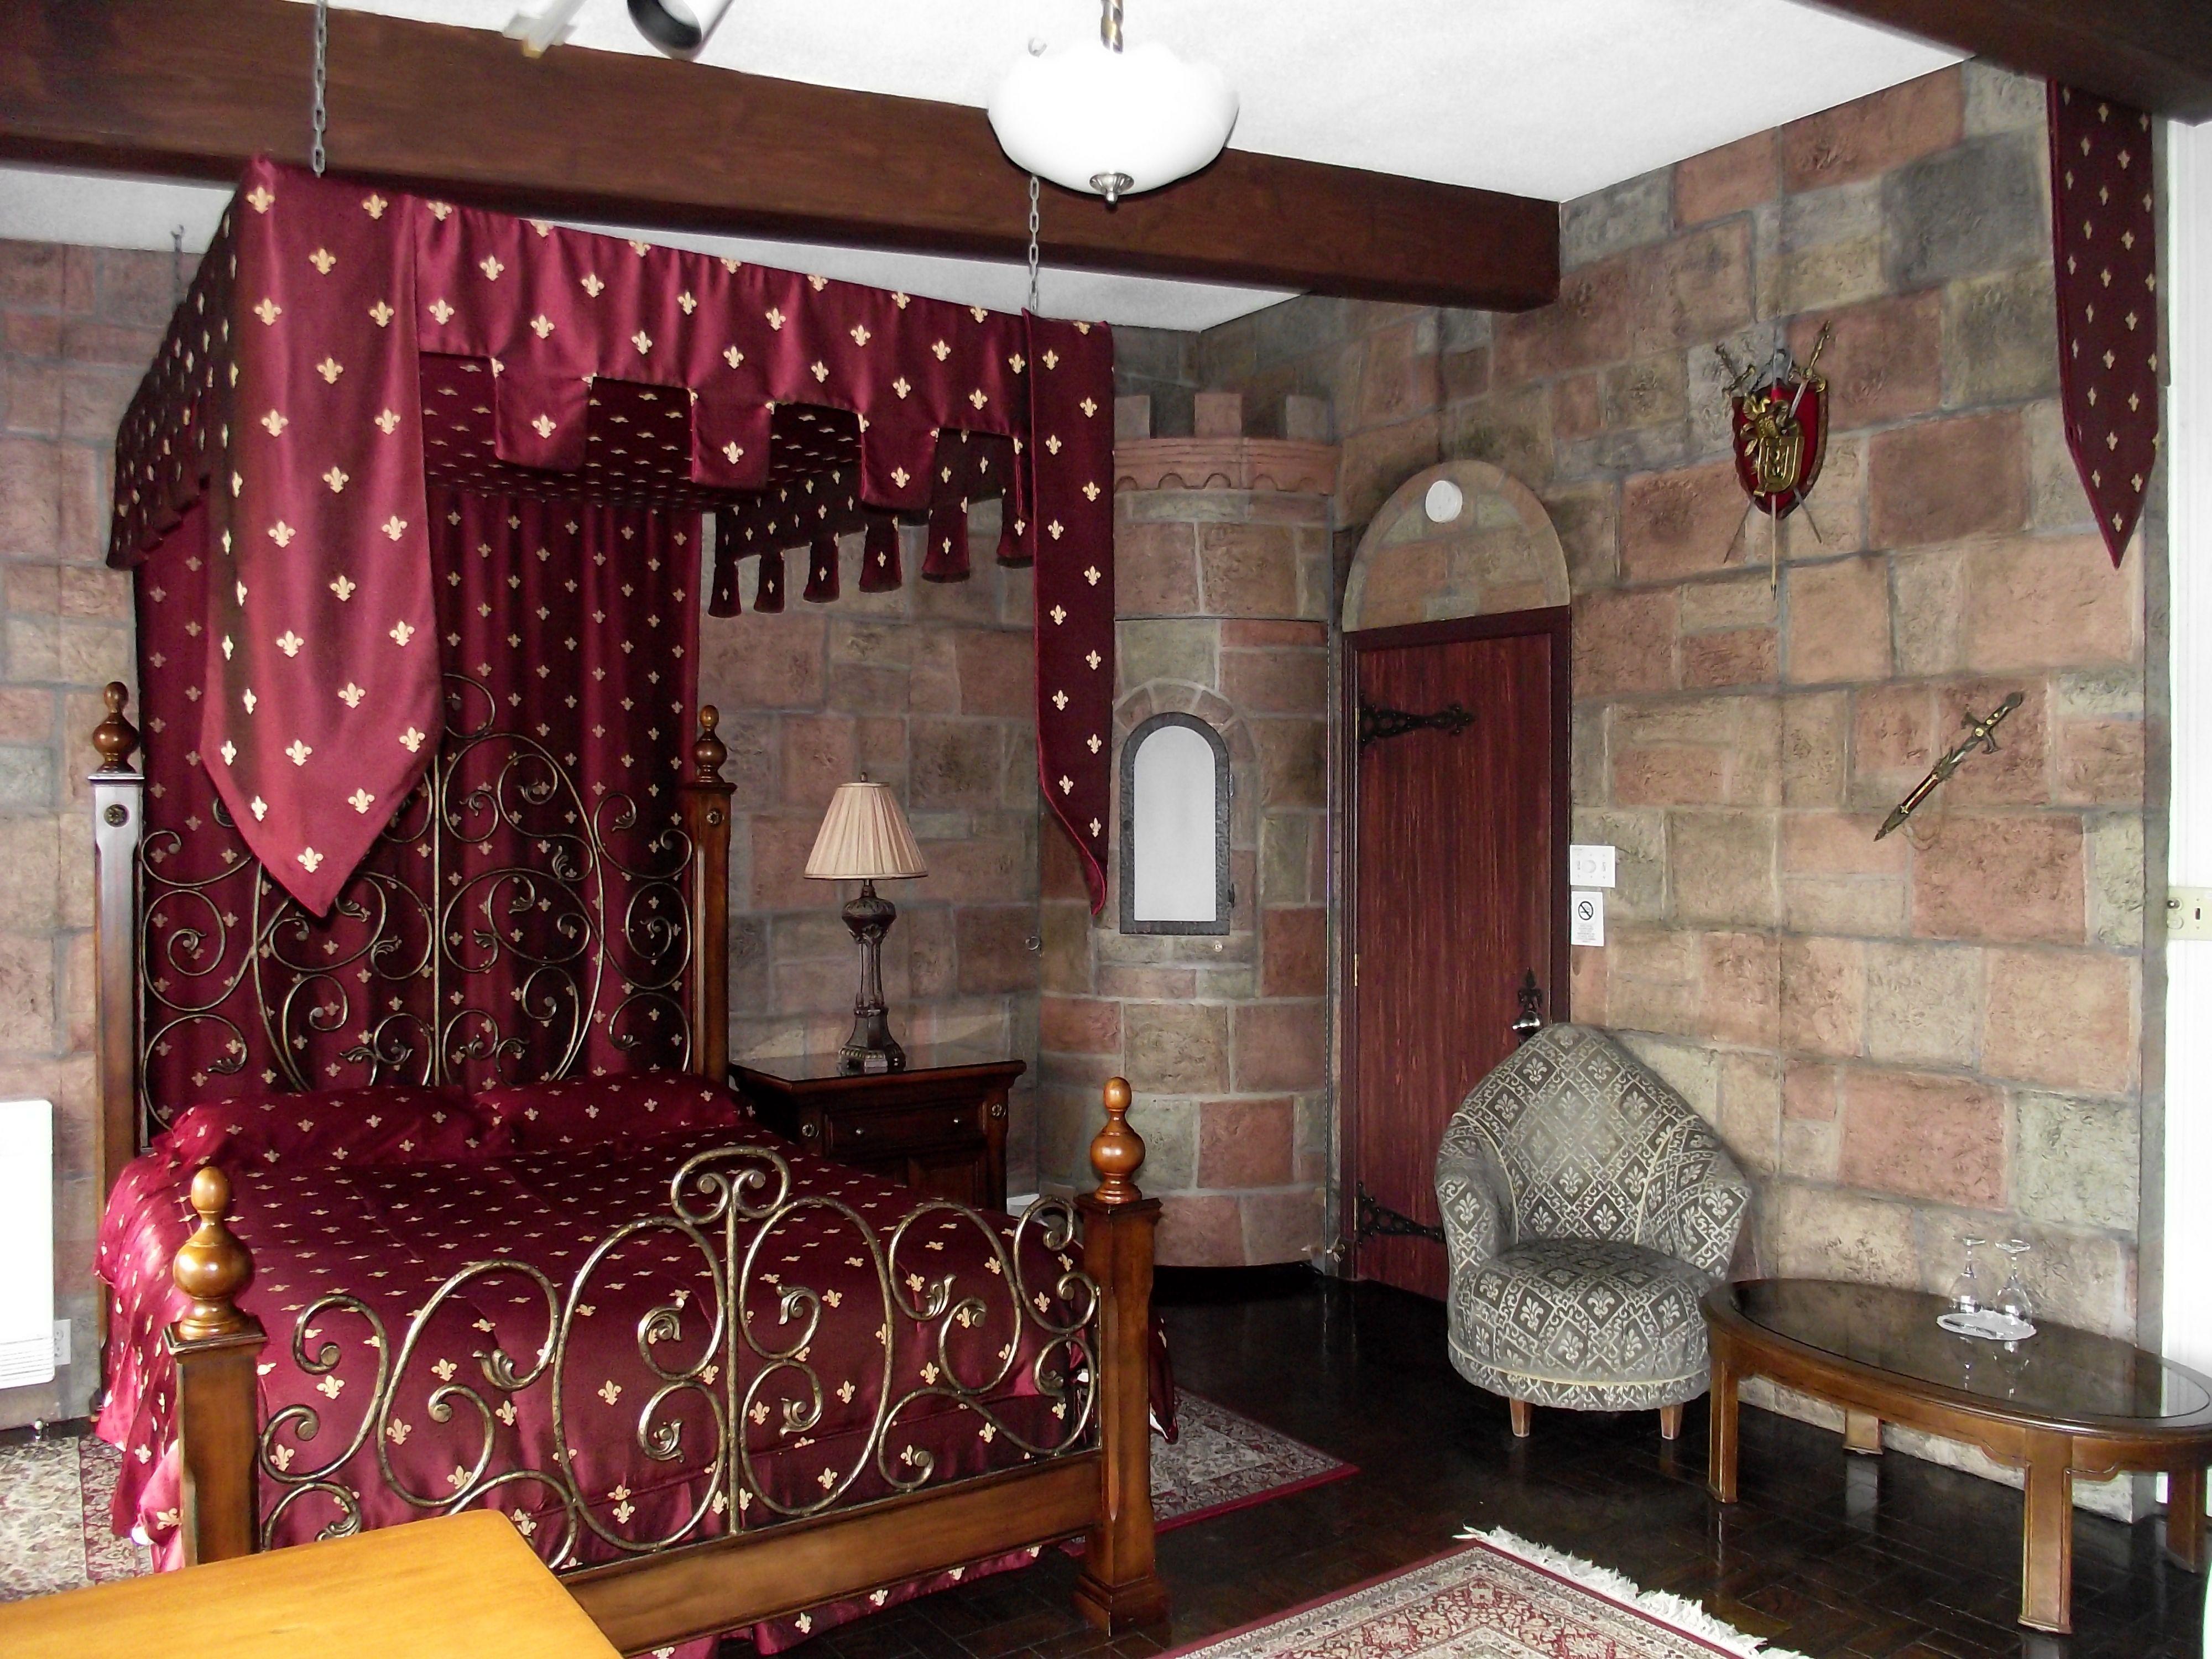 Le lit et le donjon de Roméo & Juliette